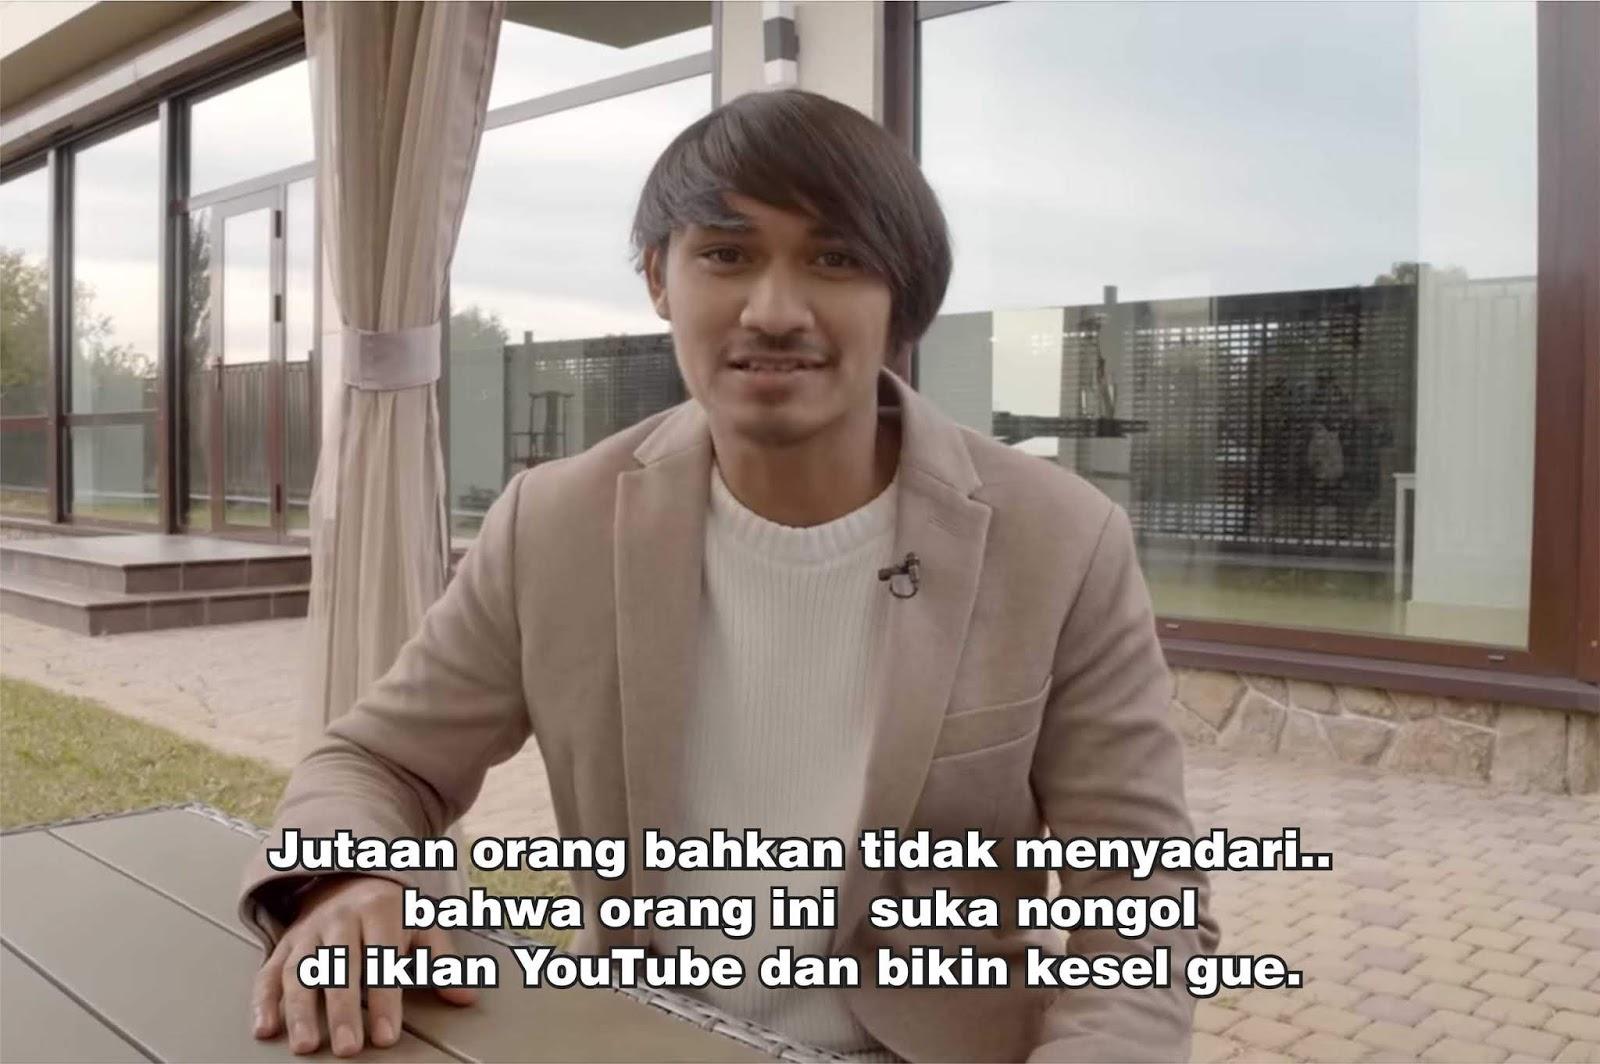 iklan-iklan-indonesia-yang-menarik-perhatian-di-2019-versi-ane-mana-favoritmu